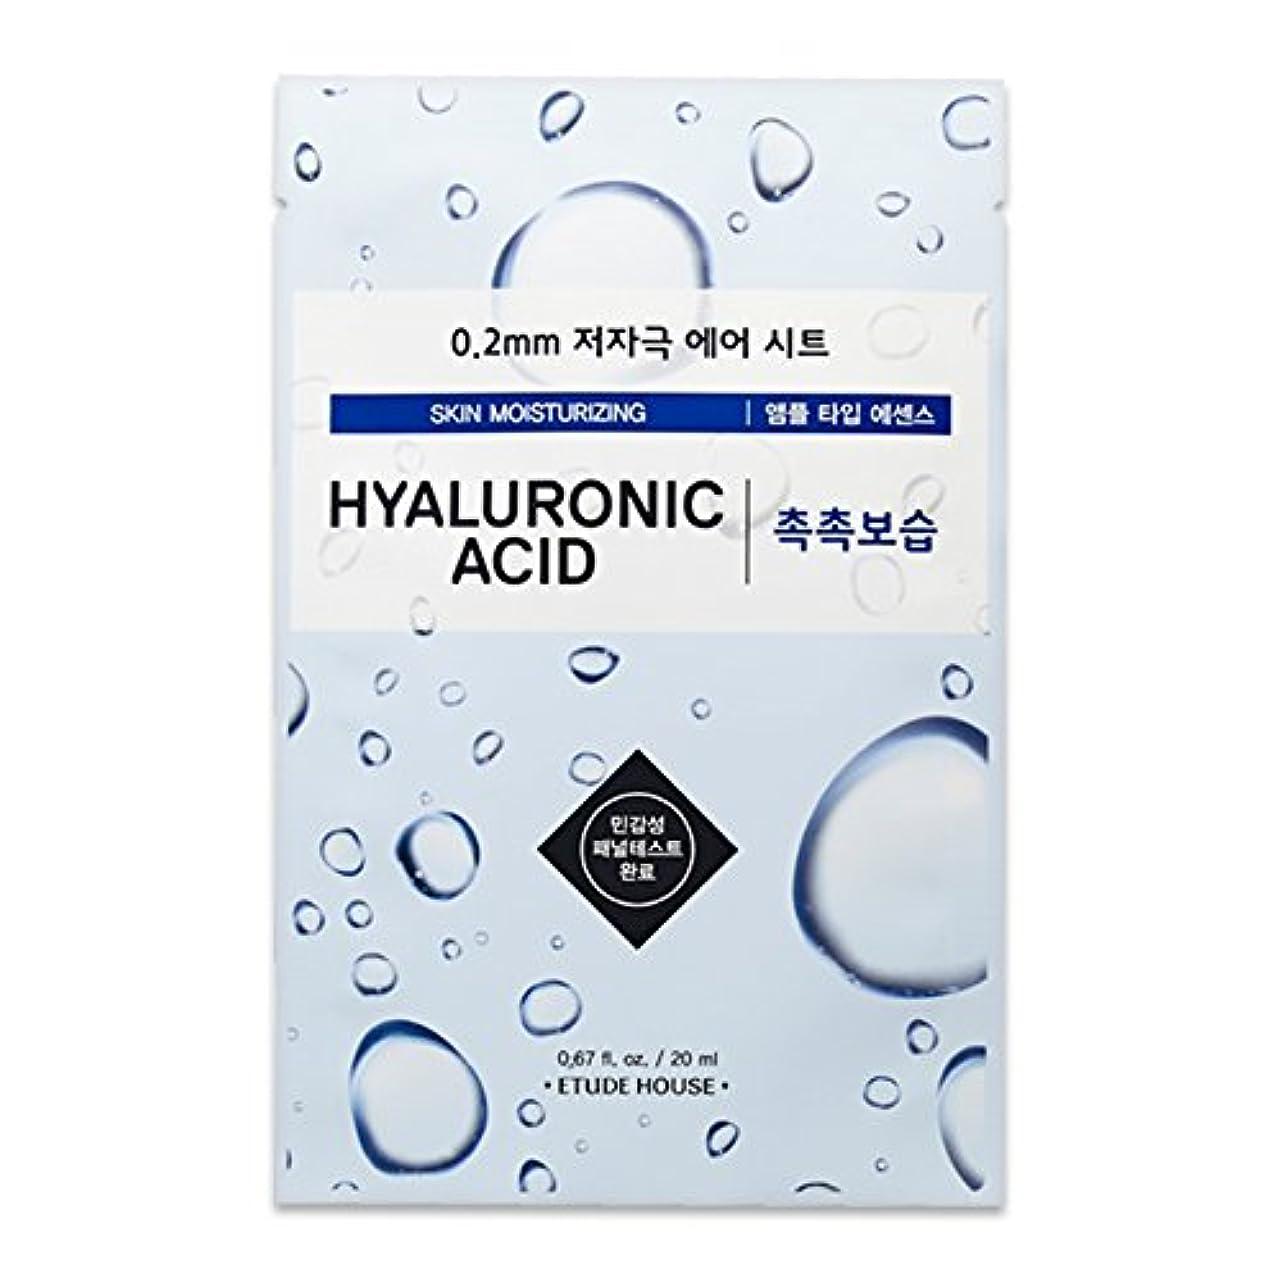 ヘルパー気をつけて私たちのエチュードハウス(ETUDE HOUSE) 0.2エアフィットマスク HA (ヒアルロン酸)